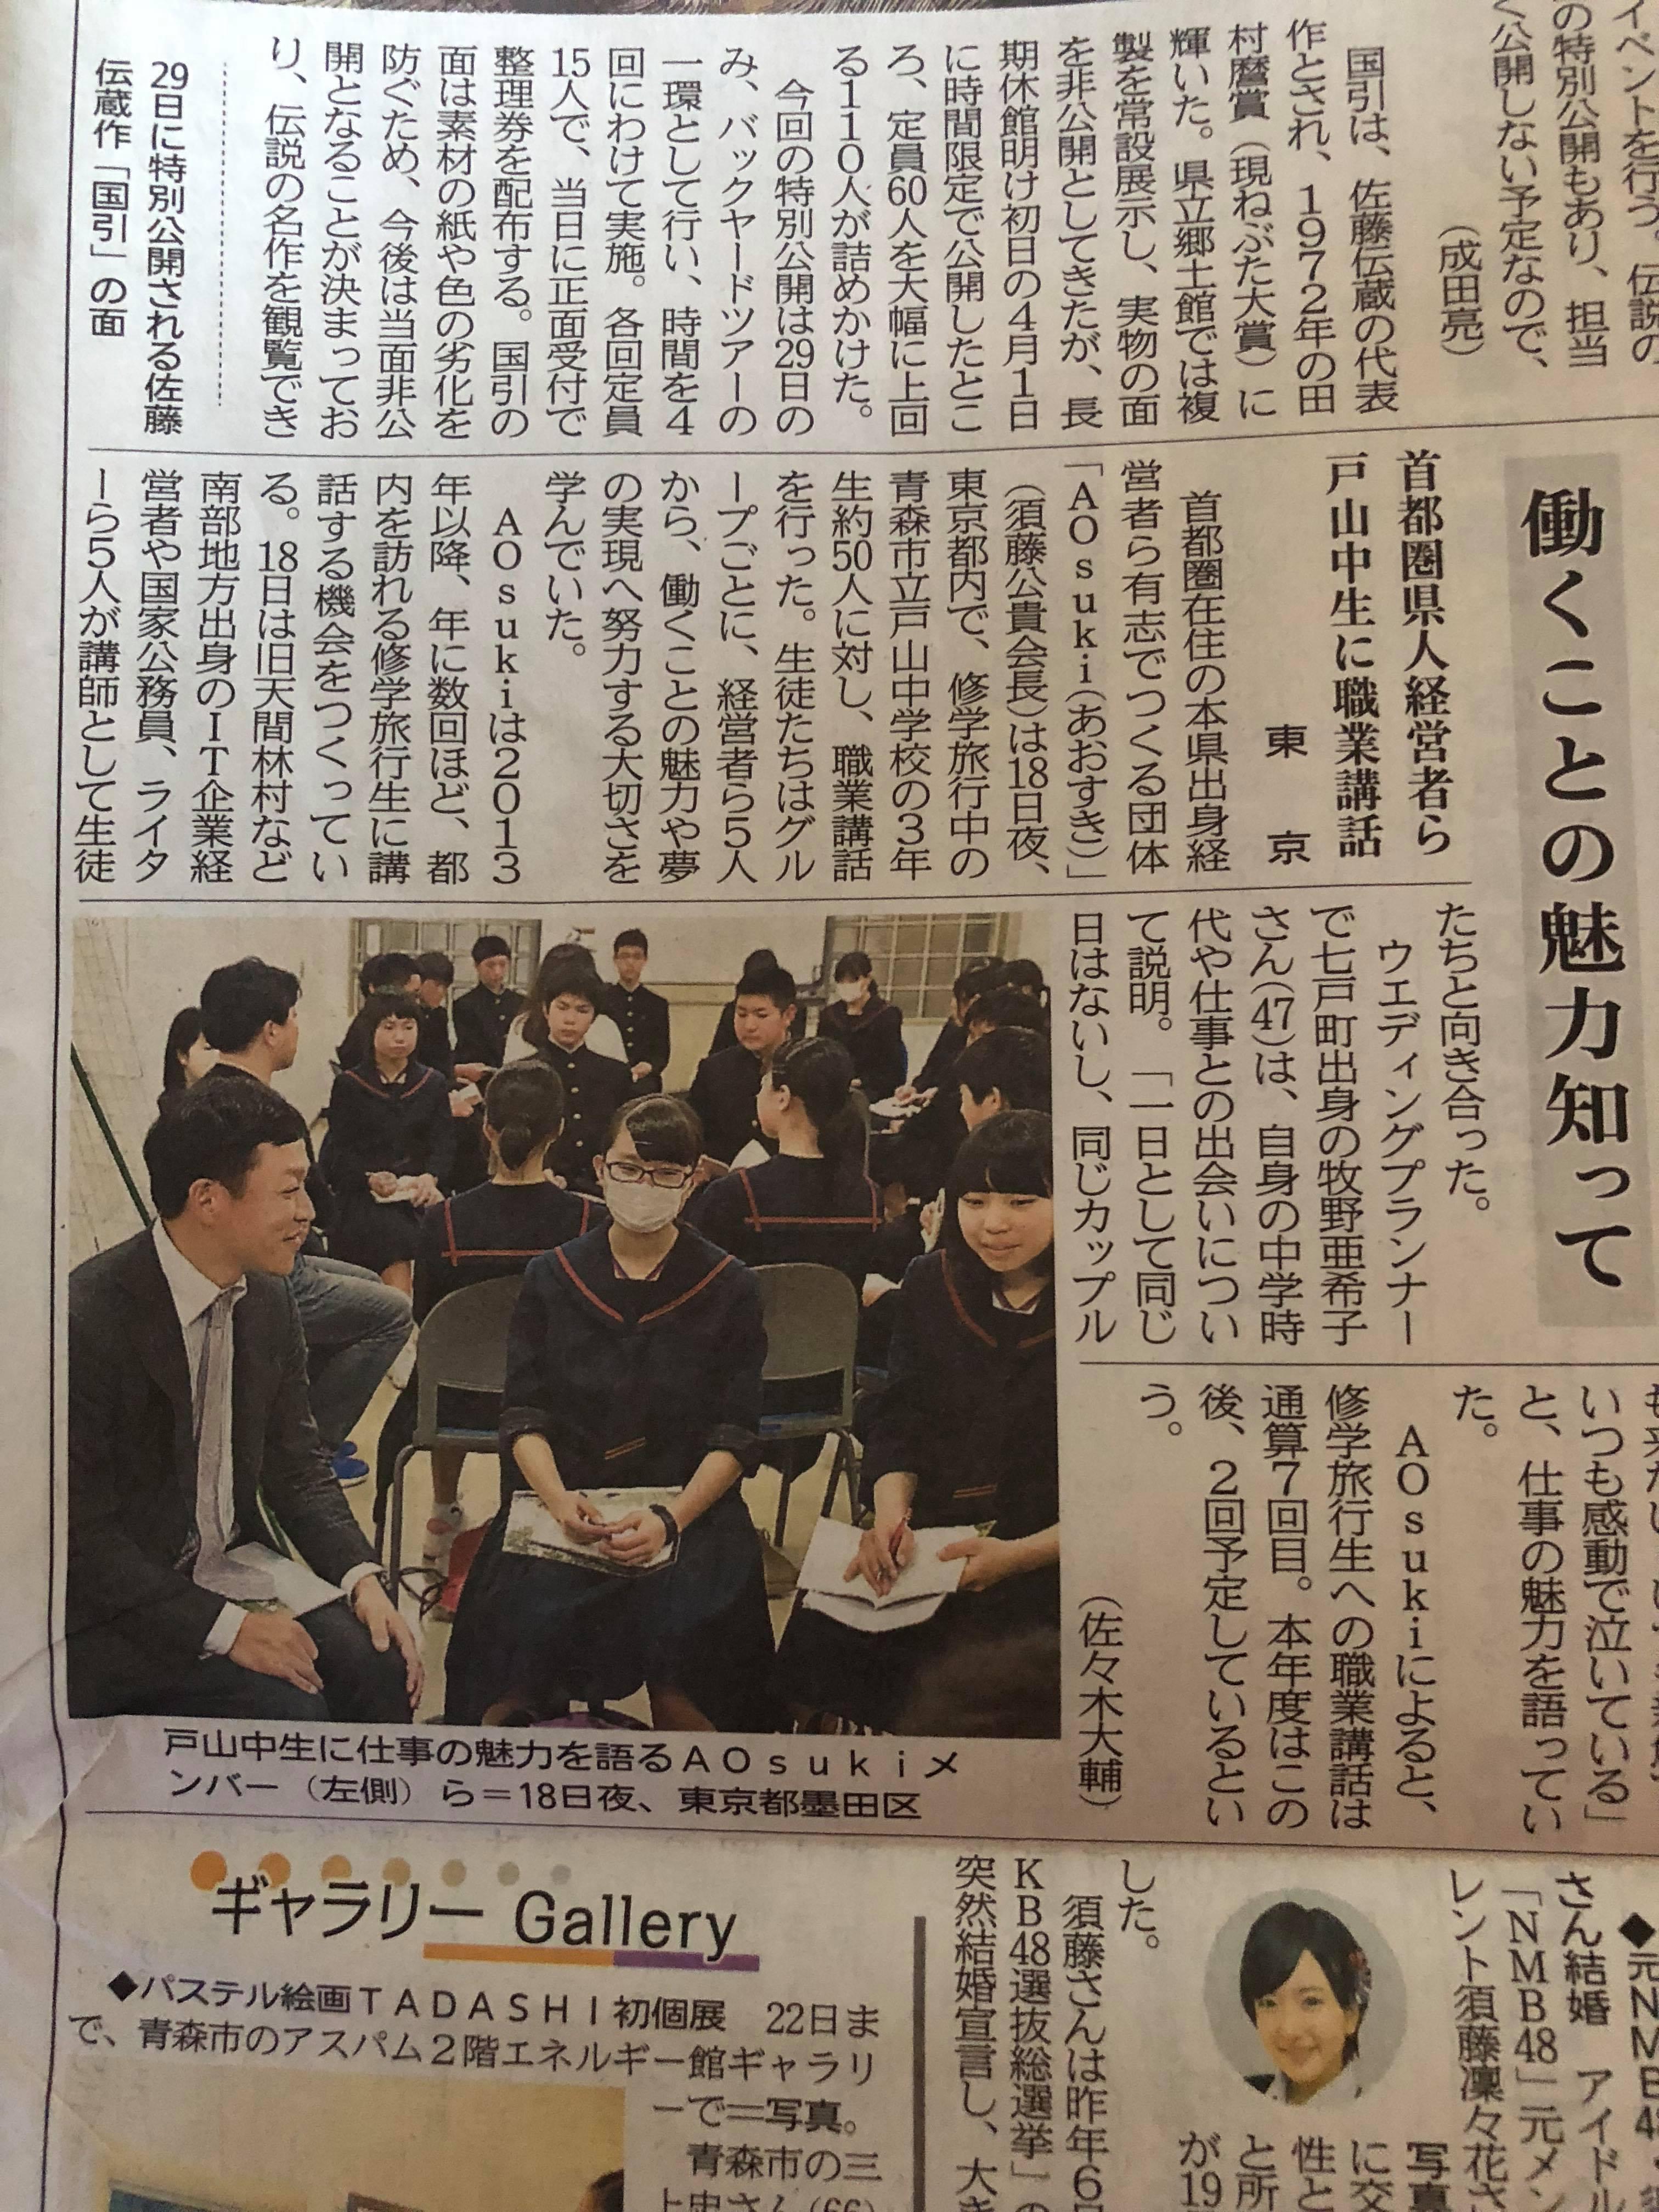 AOsukiのAFS(2018年4月18日青森市戸山中学校)東奥日報に掲載頂きました。